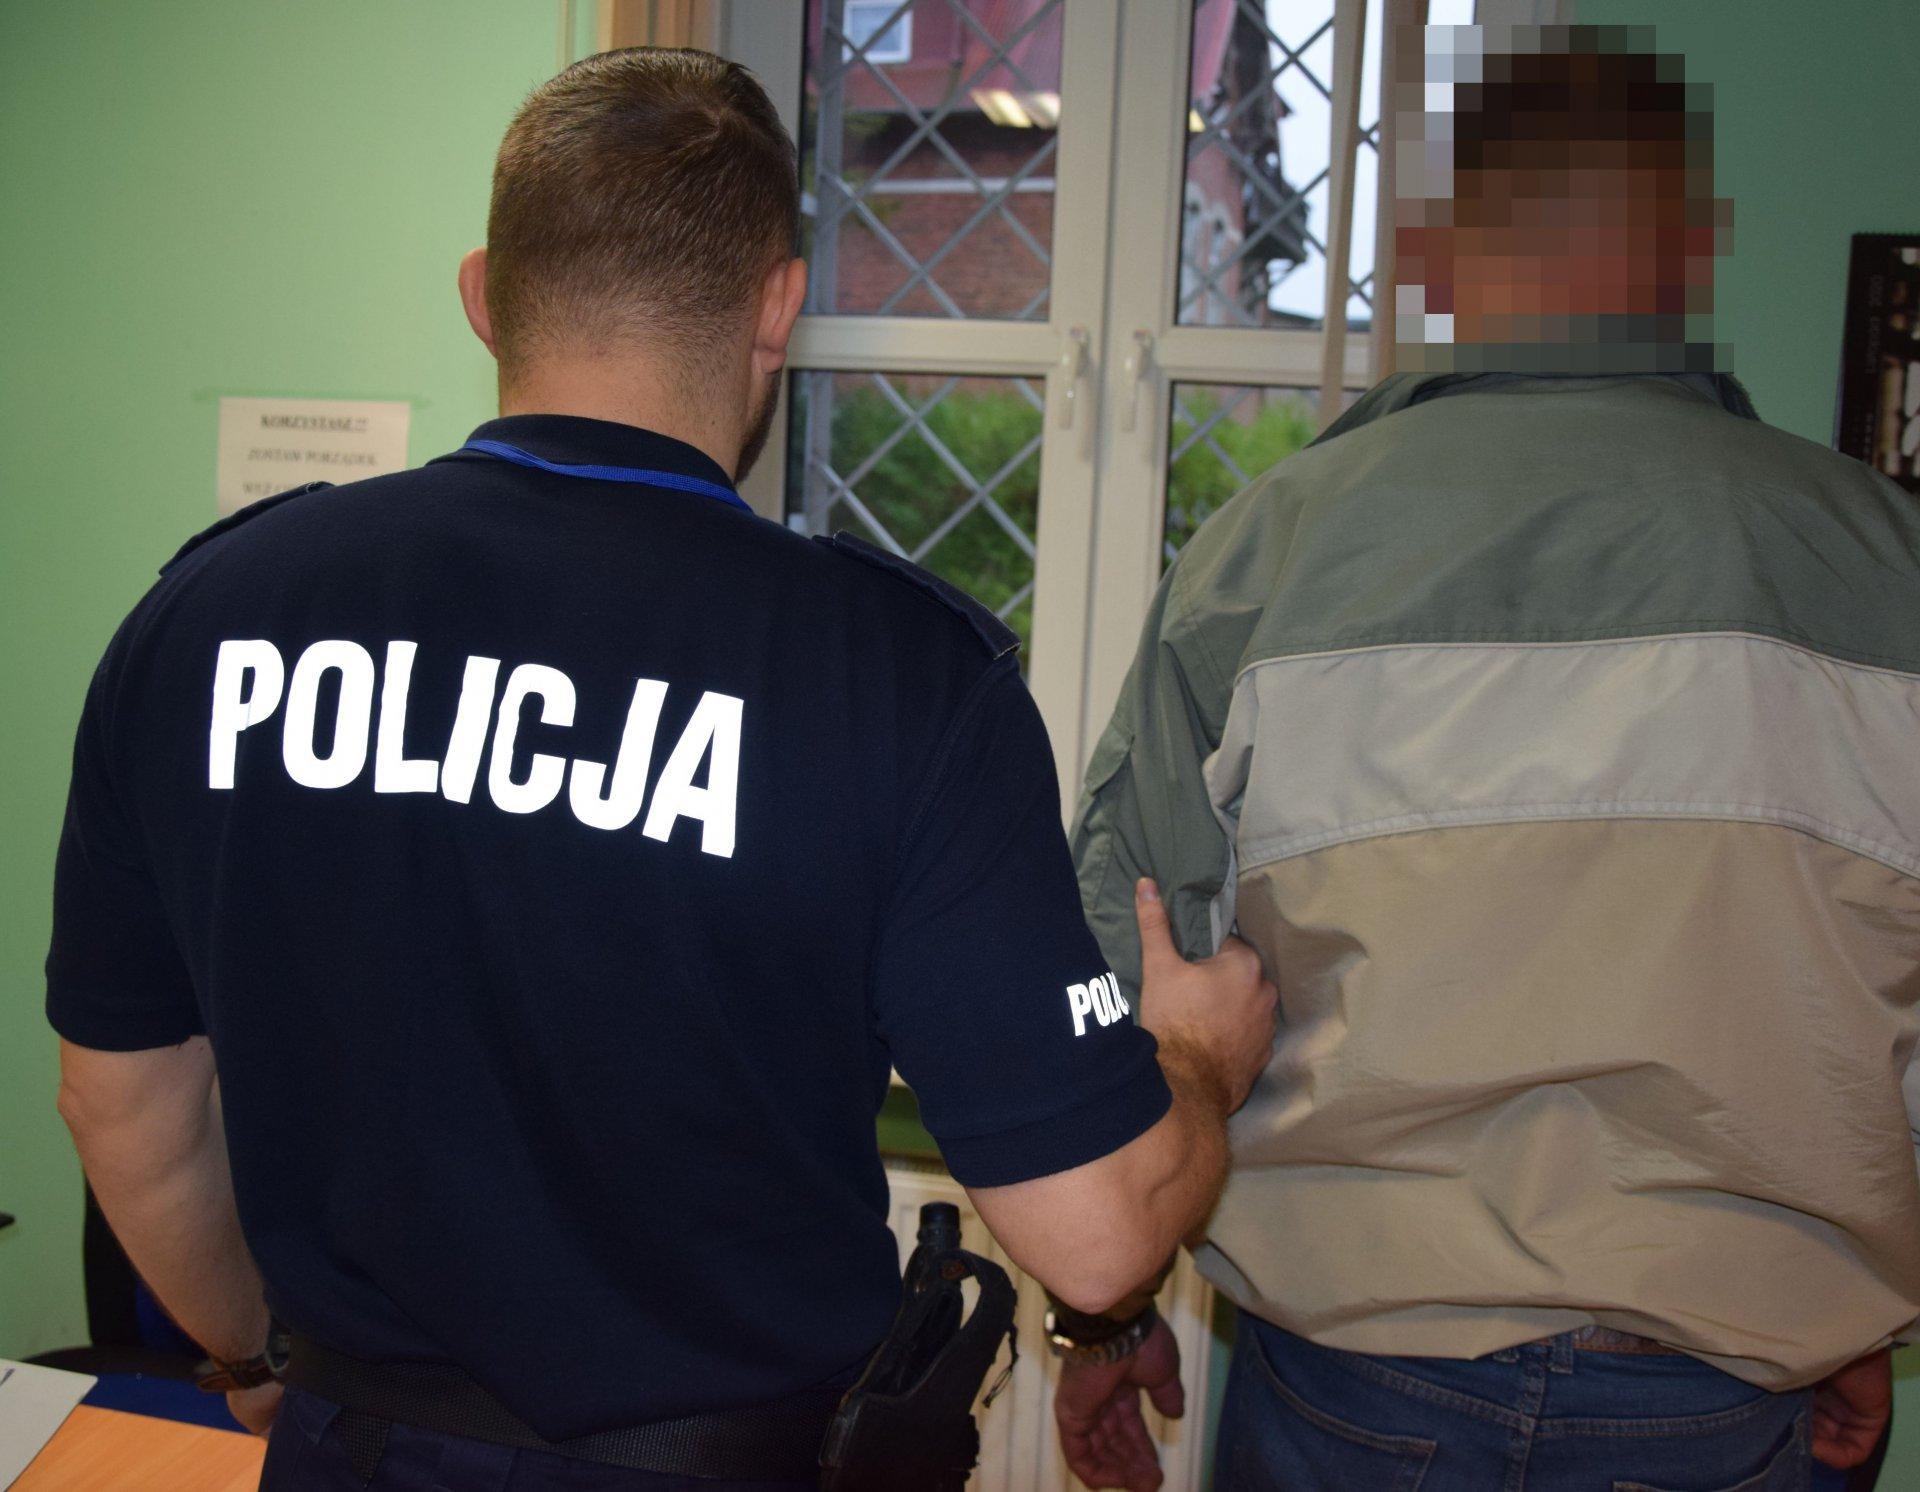 Pucka policja zatrzymała dwóch poszukiwanych. Gość z Wejherowa zgłosił się sam | NADMORSKA KRONIKA POLICYJNA